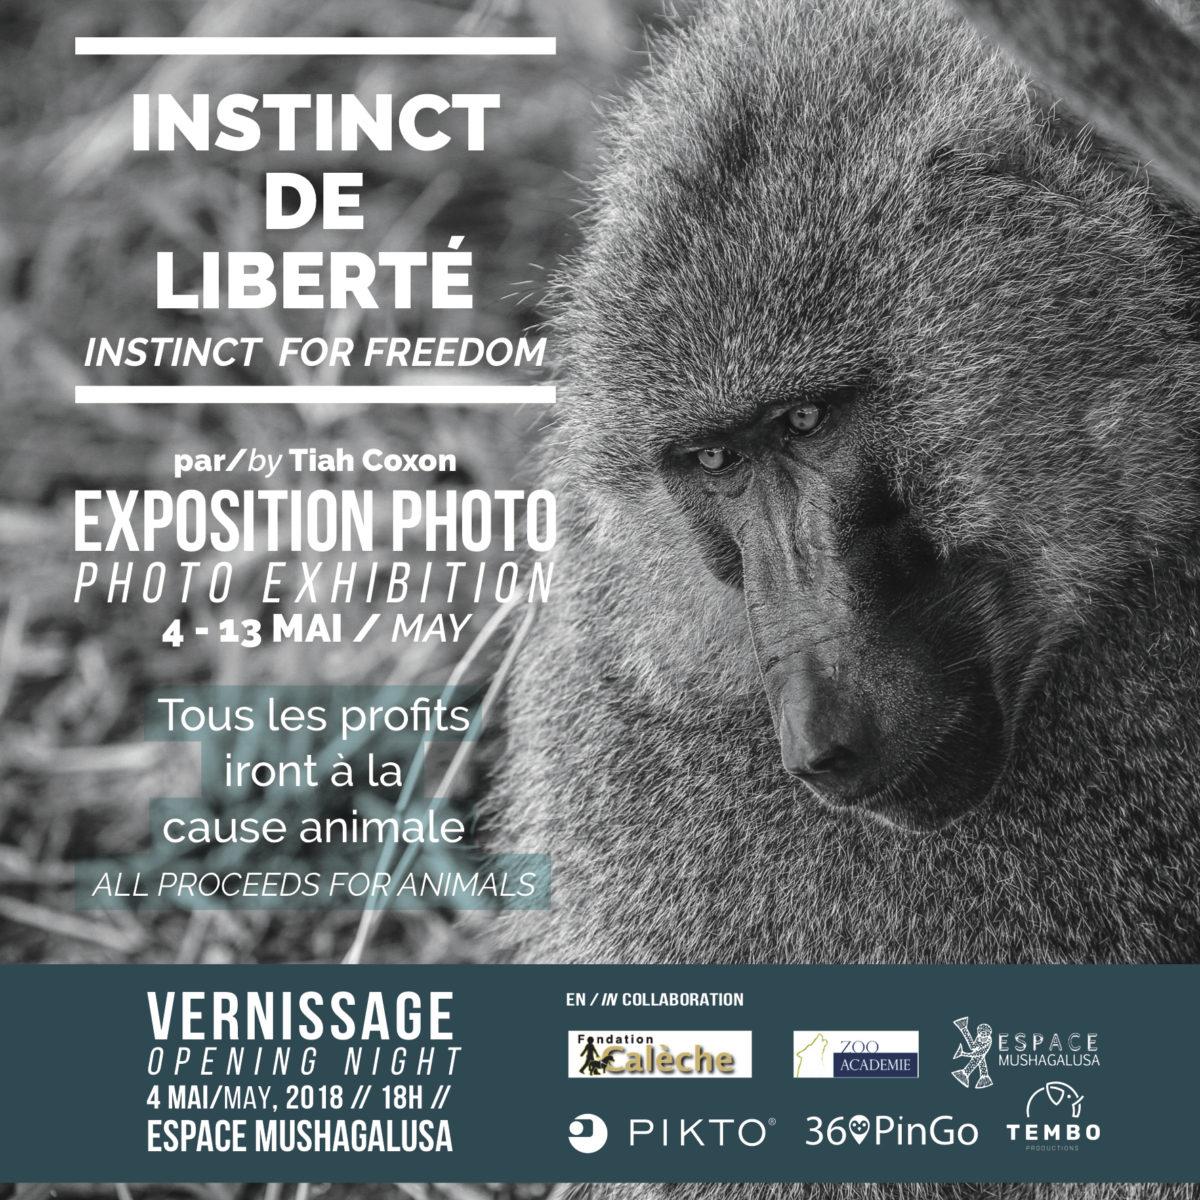 Instinct de liberté, une exposition photo à voir à l'Espace Mushagalusa